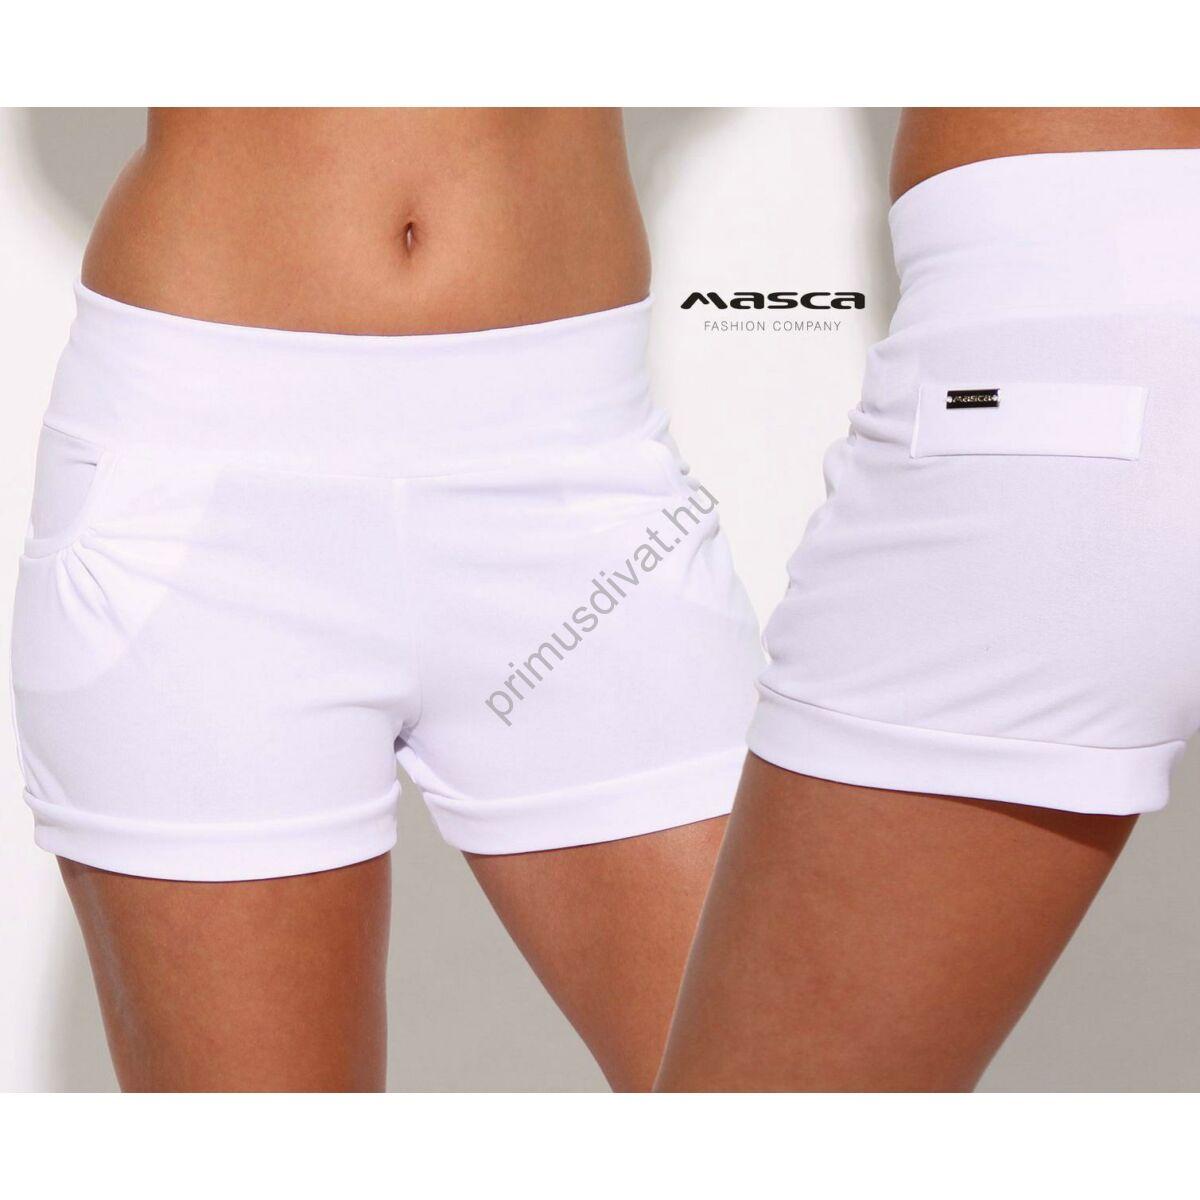 42d048177b Kép 1/2 - Masca Fashion magasított derekú zsebes fehér sort, rövidnadrág